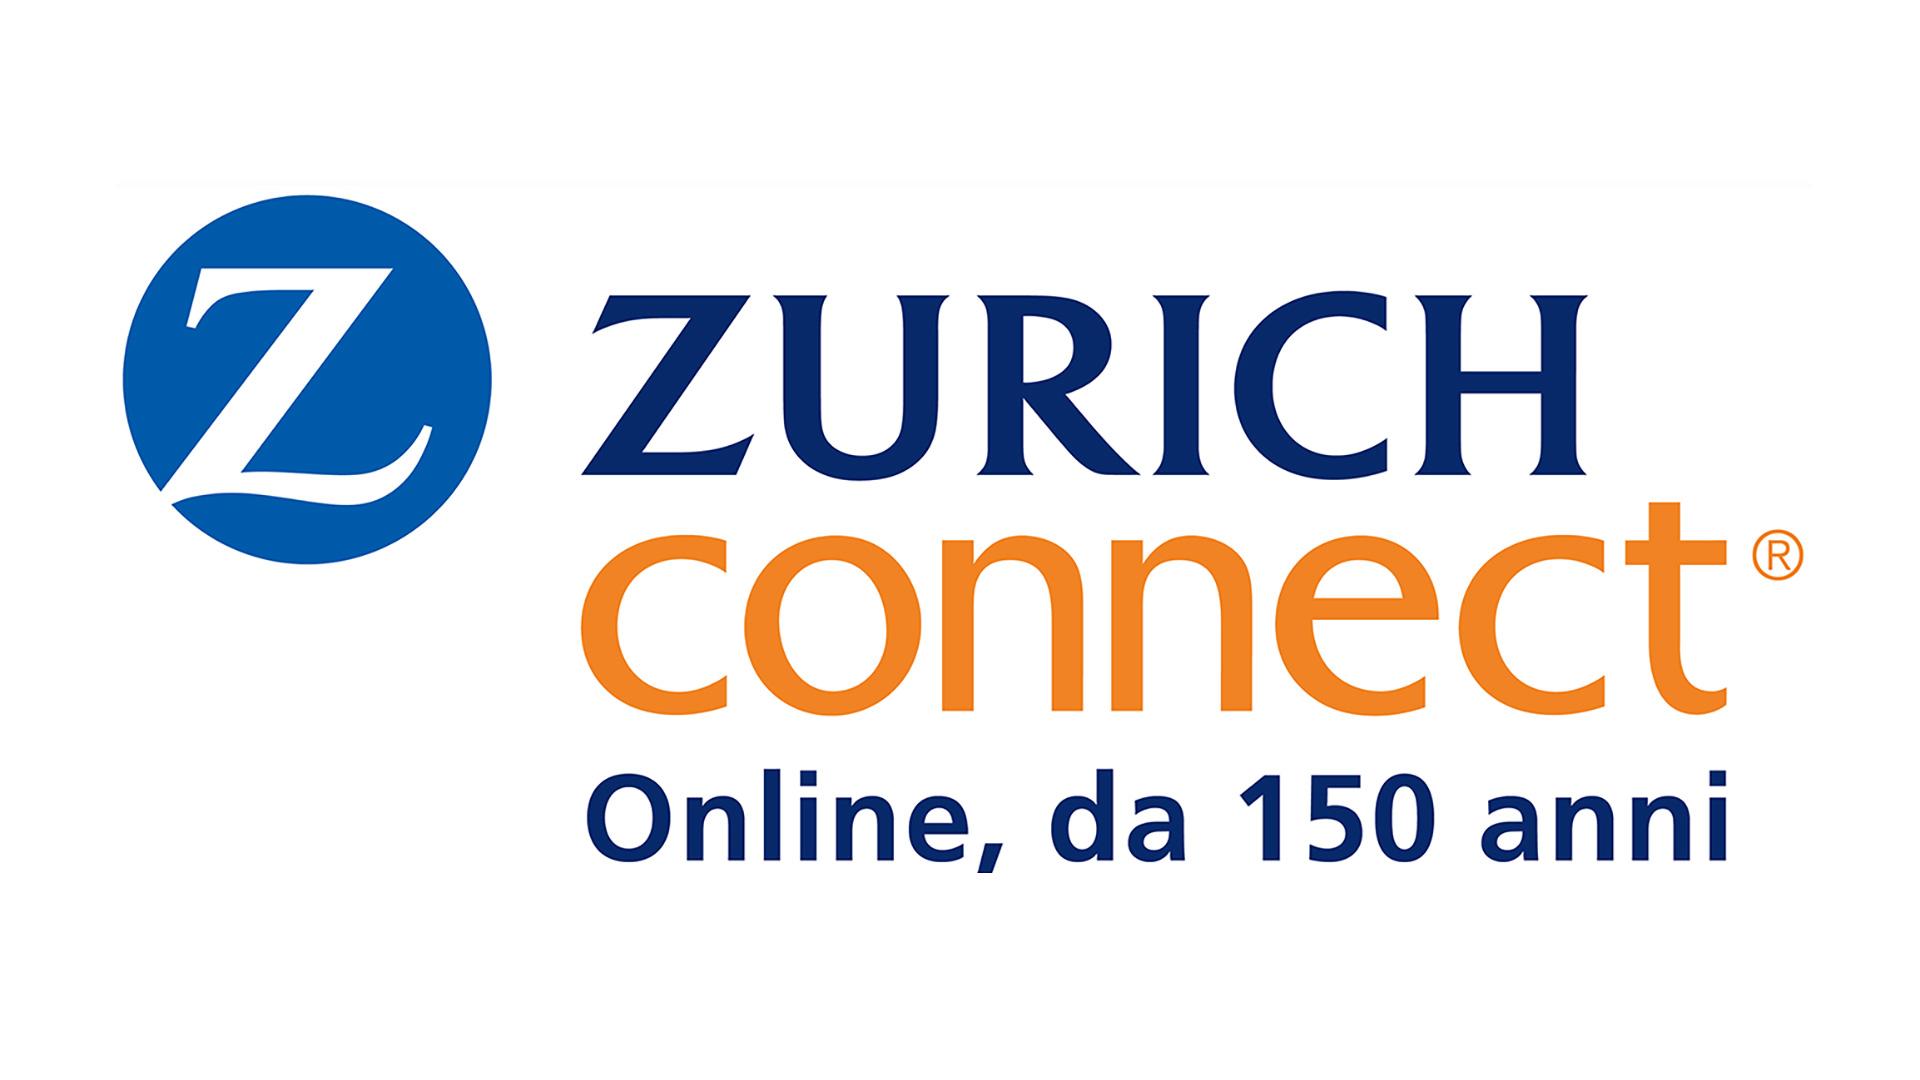 Zurich Connect: come cambiare l'assicurazione dell'auto. Tutte le procedure